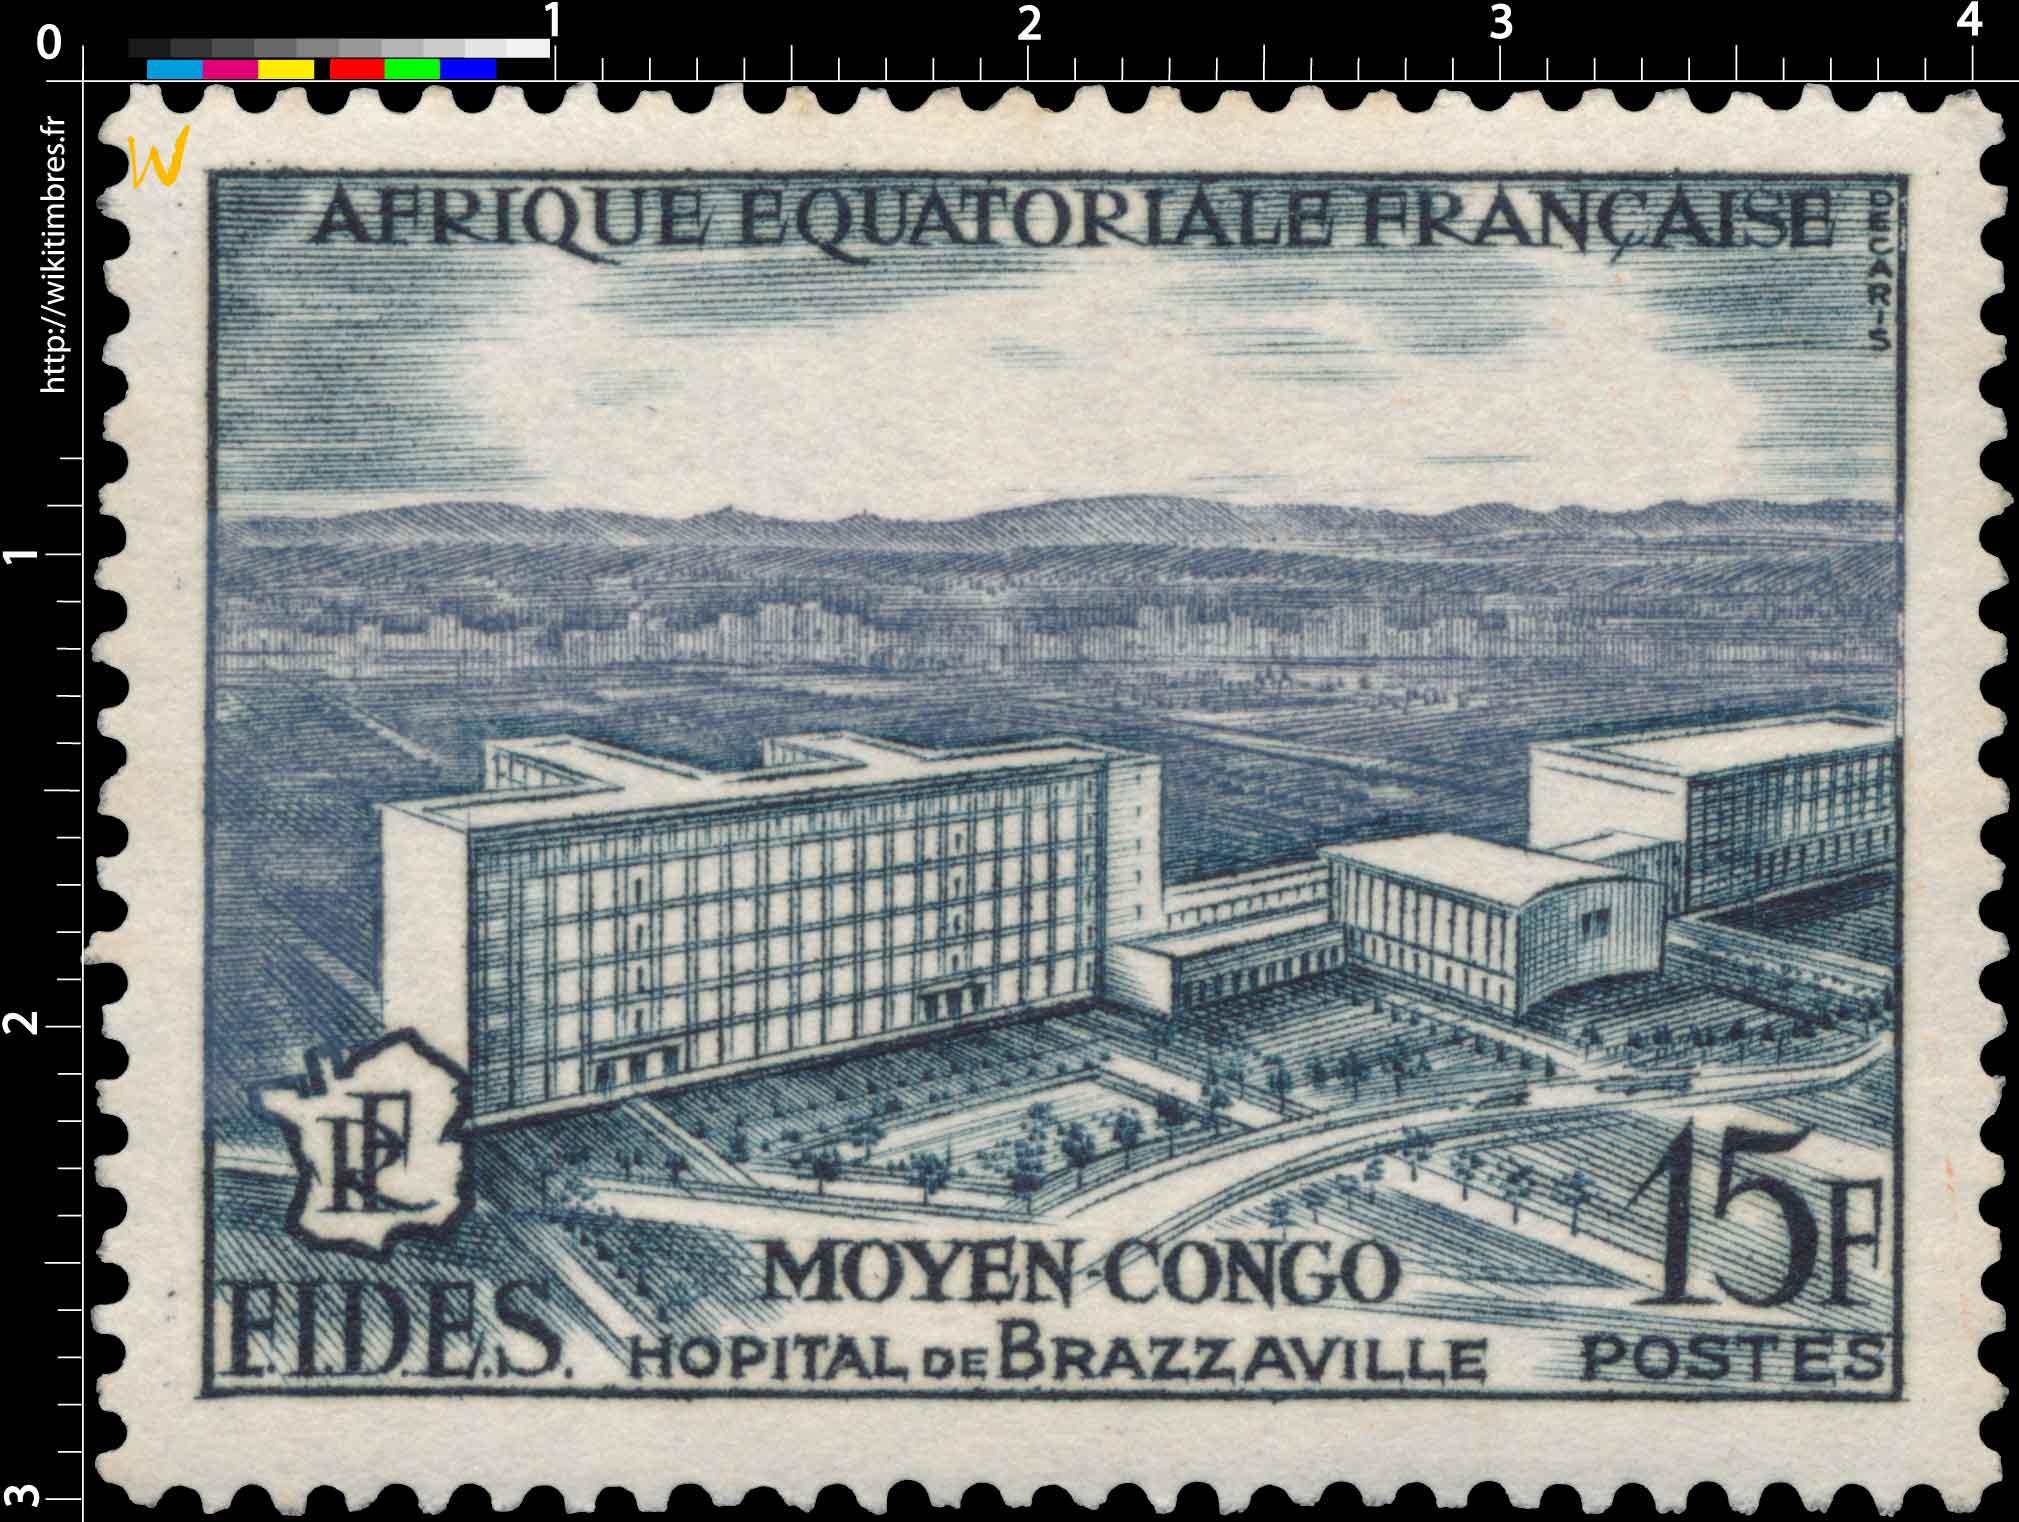 Moyen Congo Hôpital de Brazzaville Afrique Équatoriale Française